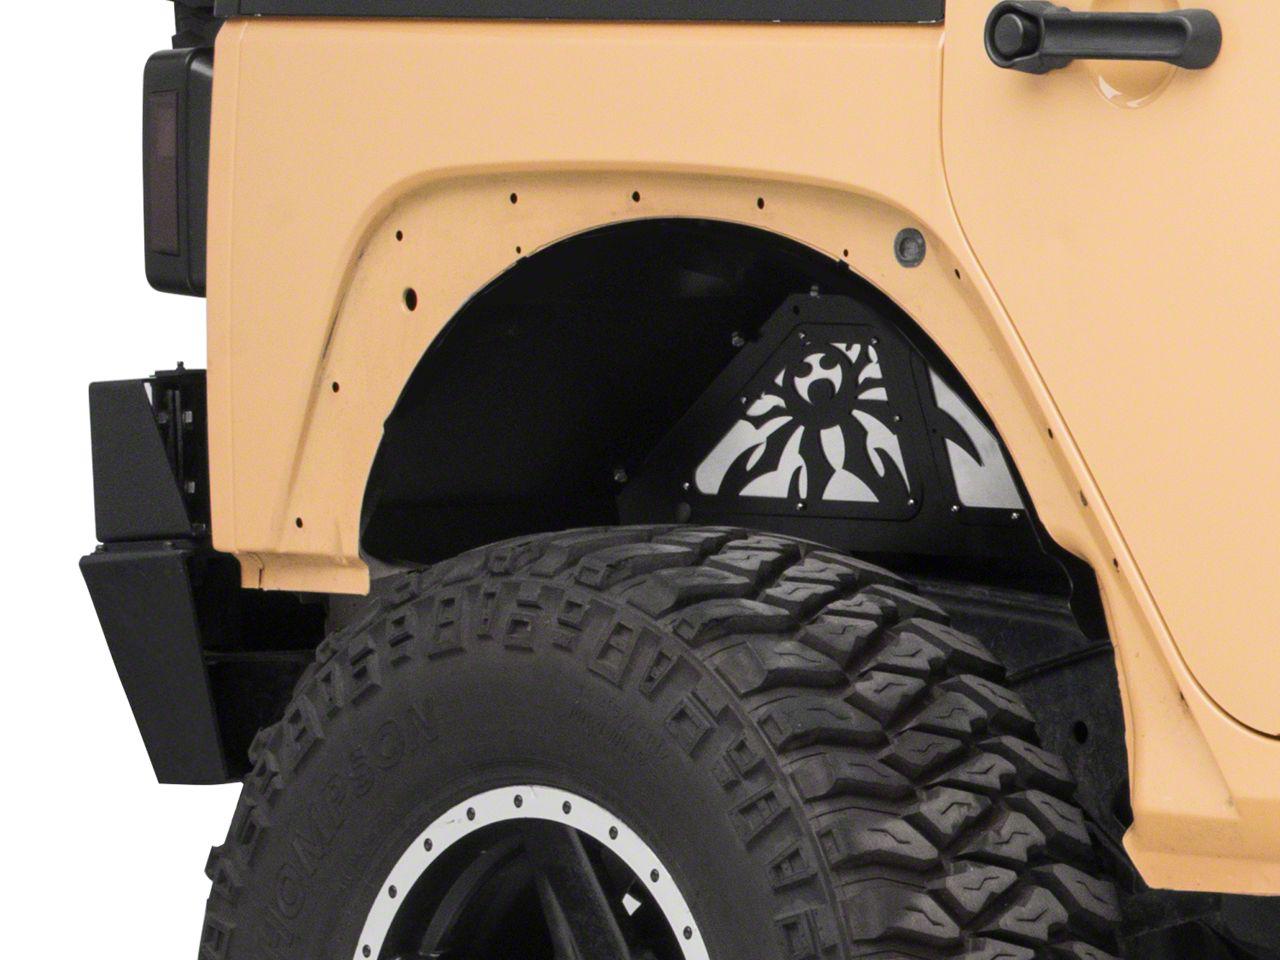 Poison Spyder Rear Inner Fender Kit - SpyderShell Armor Coat (07-18 Jeep Wrangler JK)